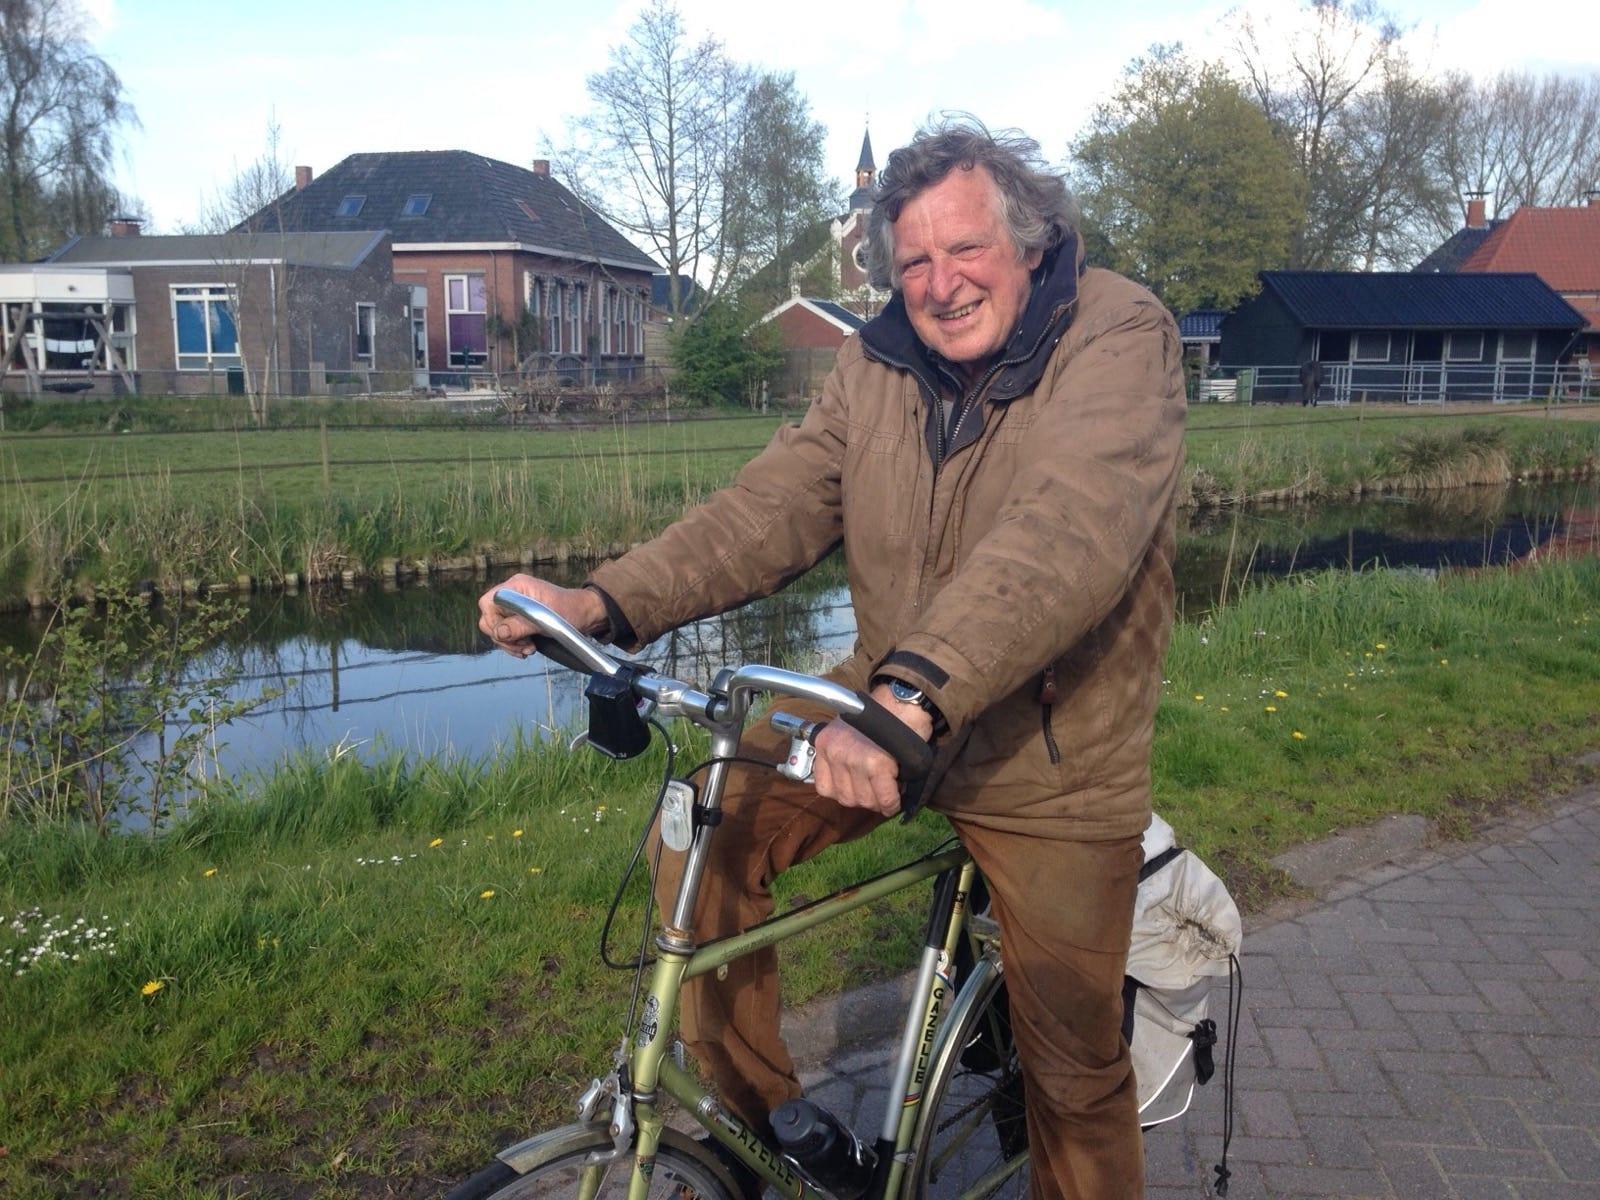 et-fiets-en-fietser-32-gerrit-vd-maat-oi.jpg